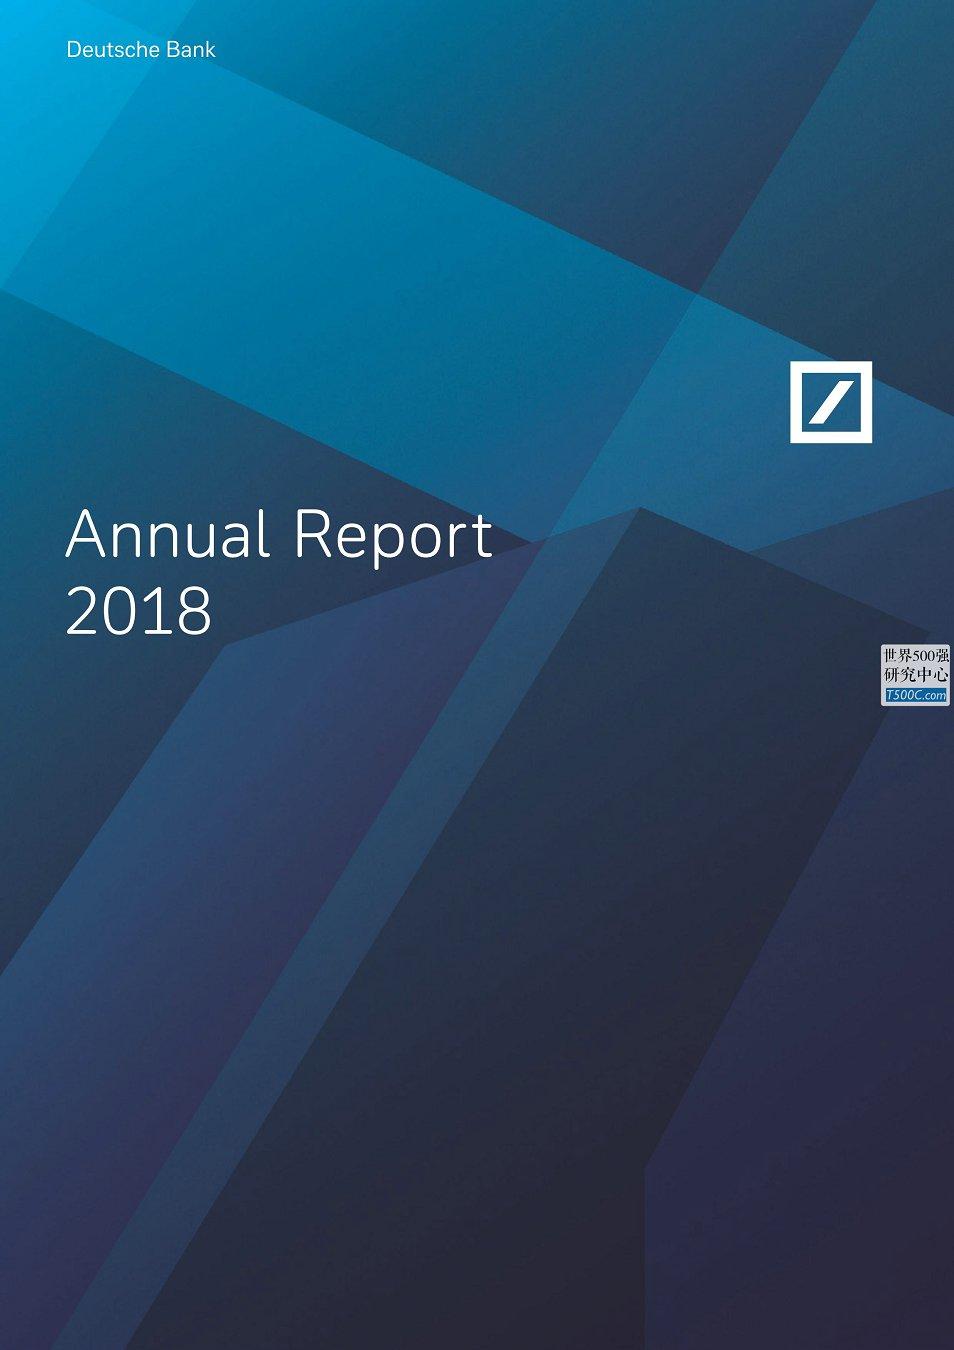 德意志银行DeutscheBank_年报AnnualReport_2018